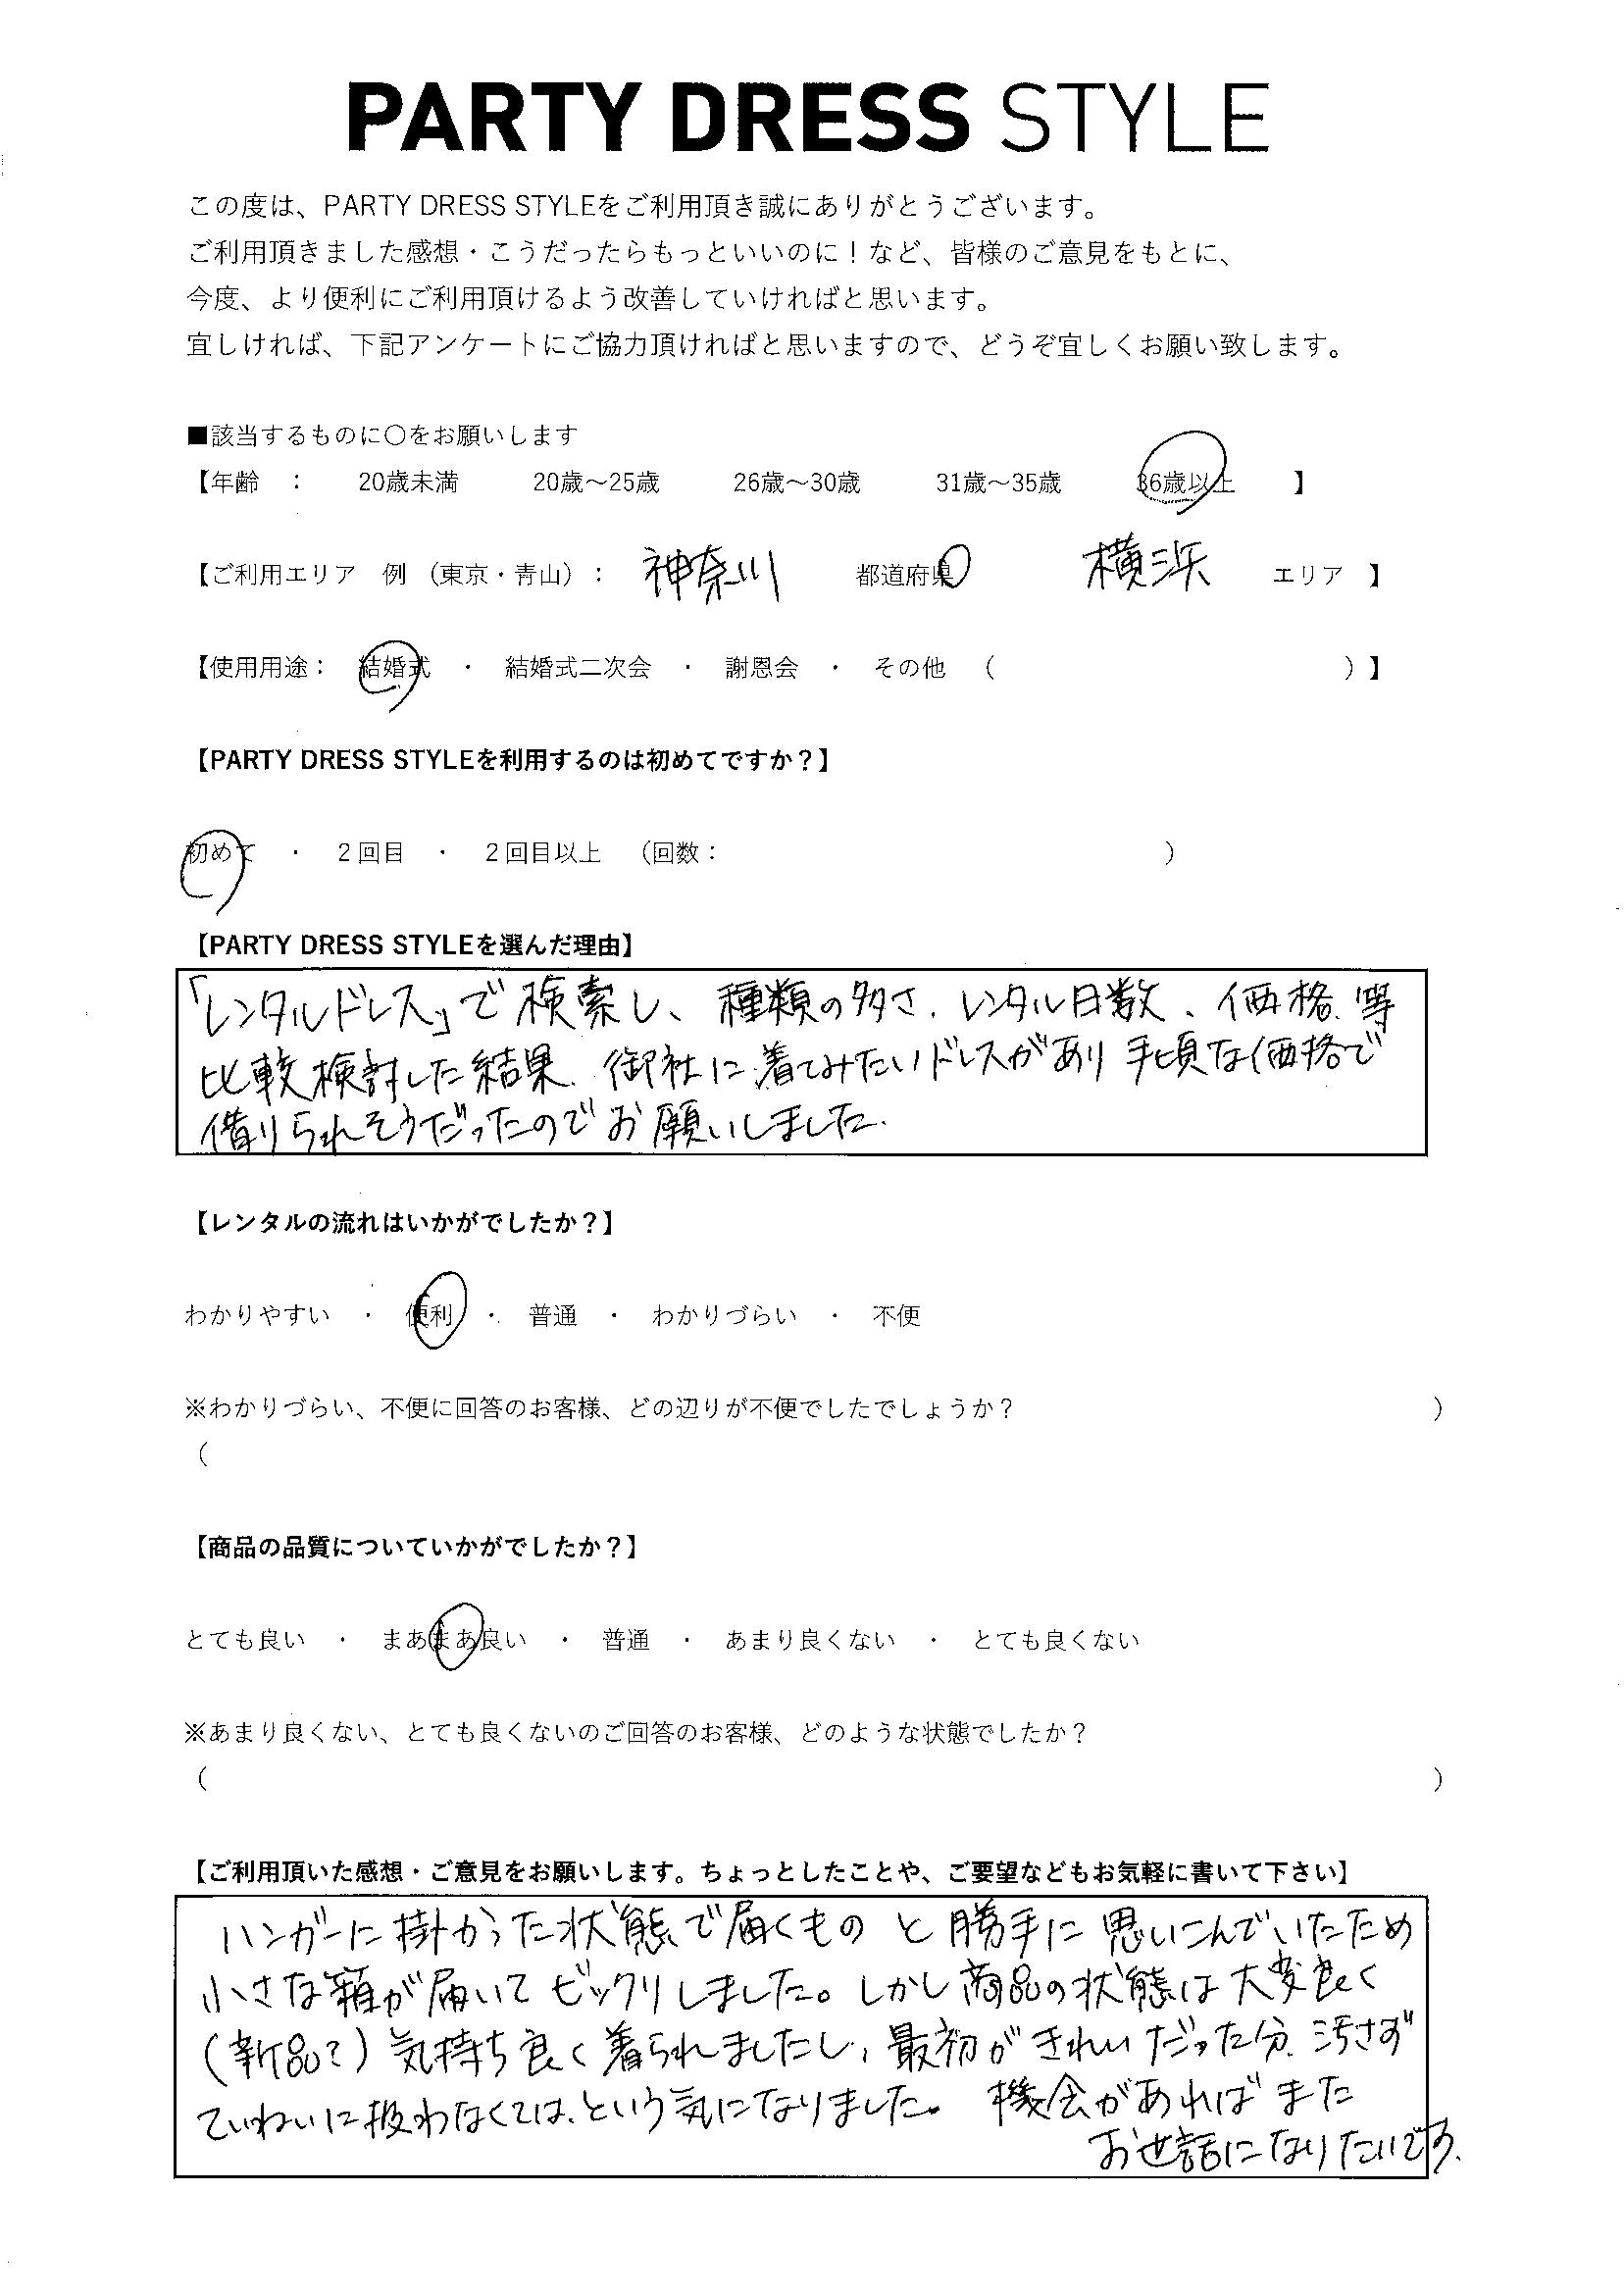 8/11結婚式 神奈川県・横浜エリア